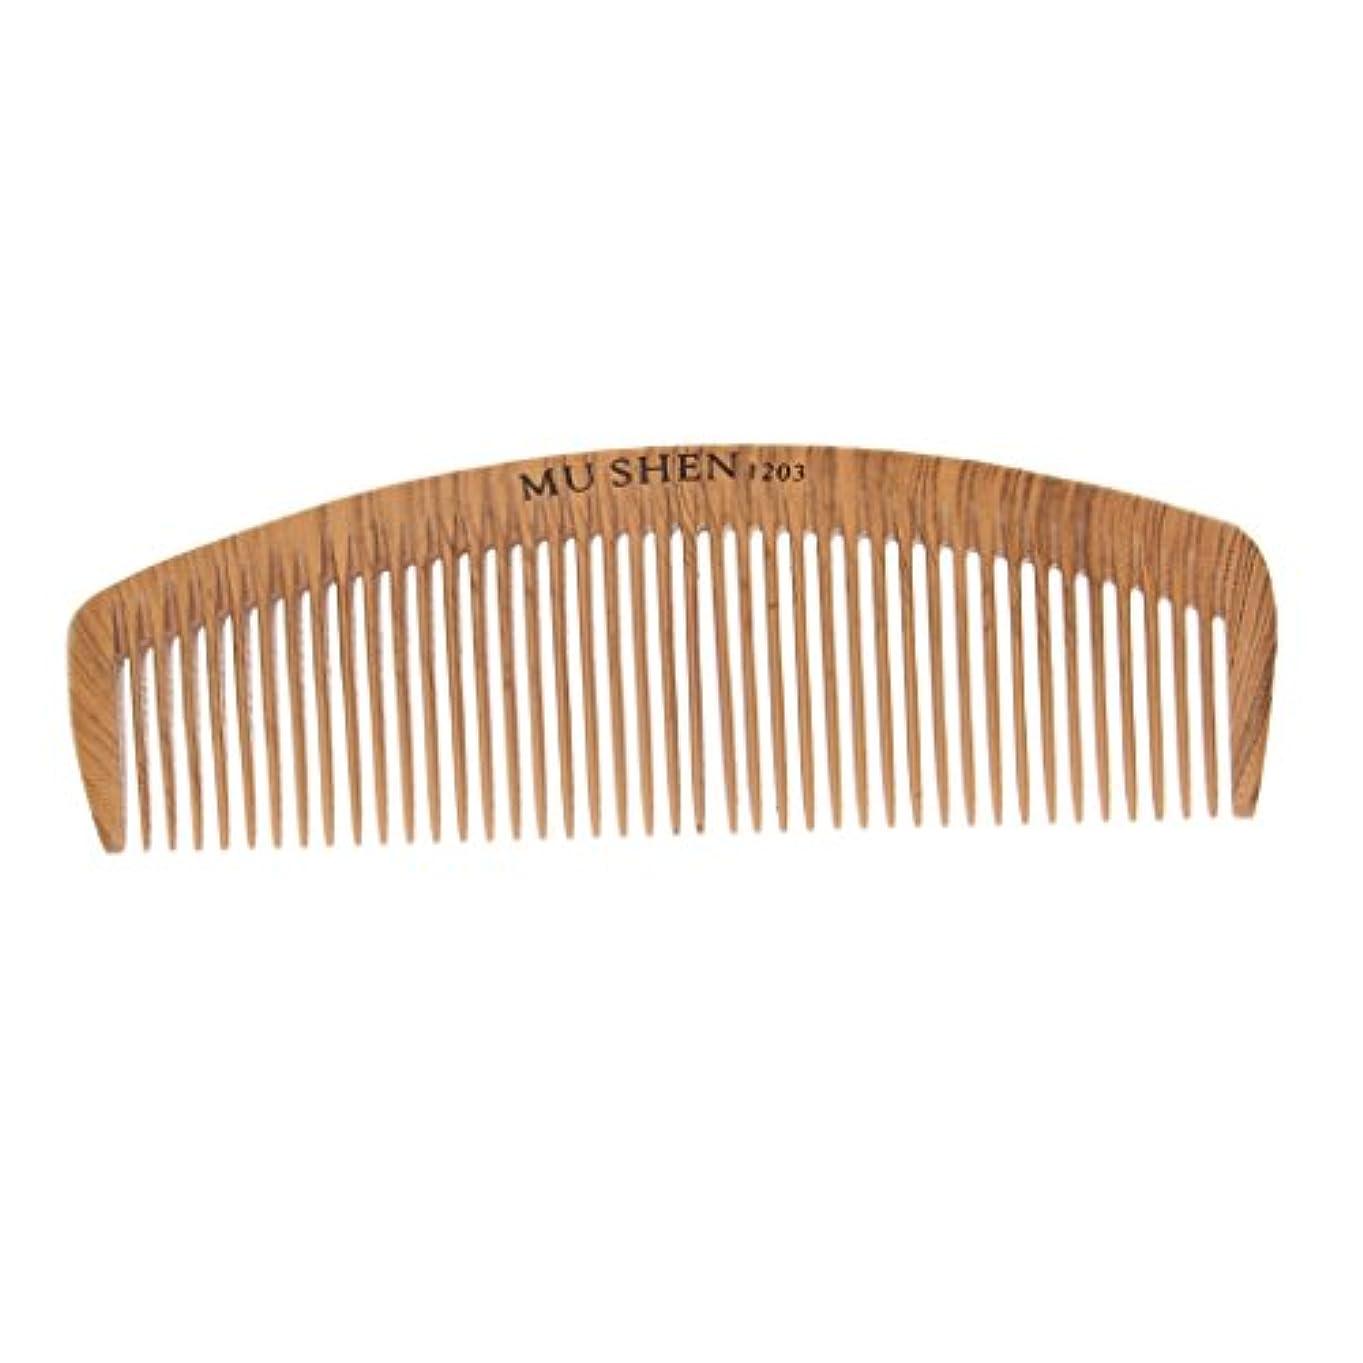 どうやってに変わる外側帯電防止ウッドサロン床屋ヘアスタイリング理髪切削くしヘアブラシ - 1203